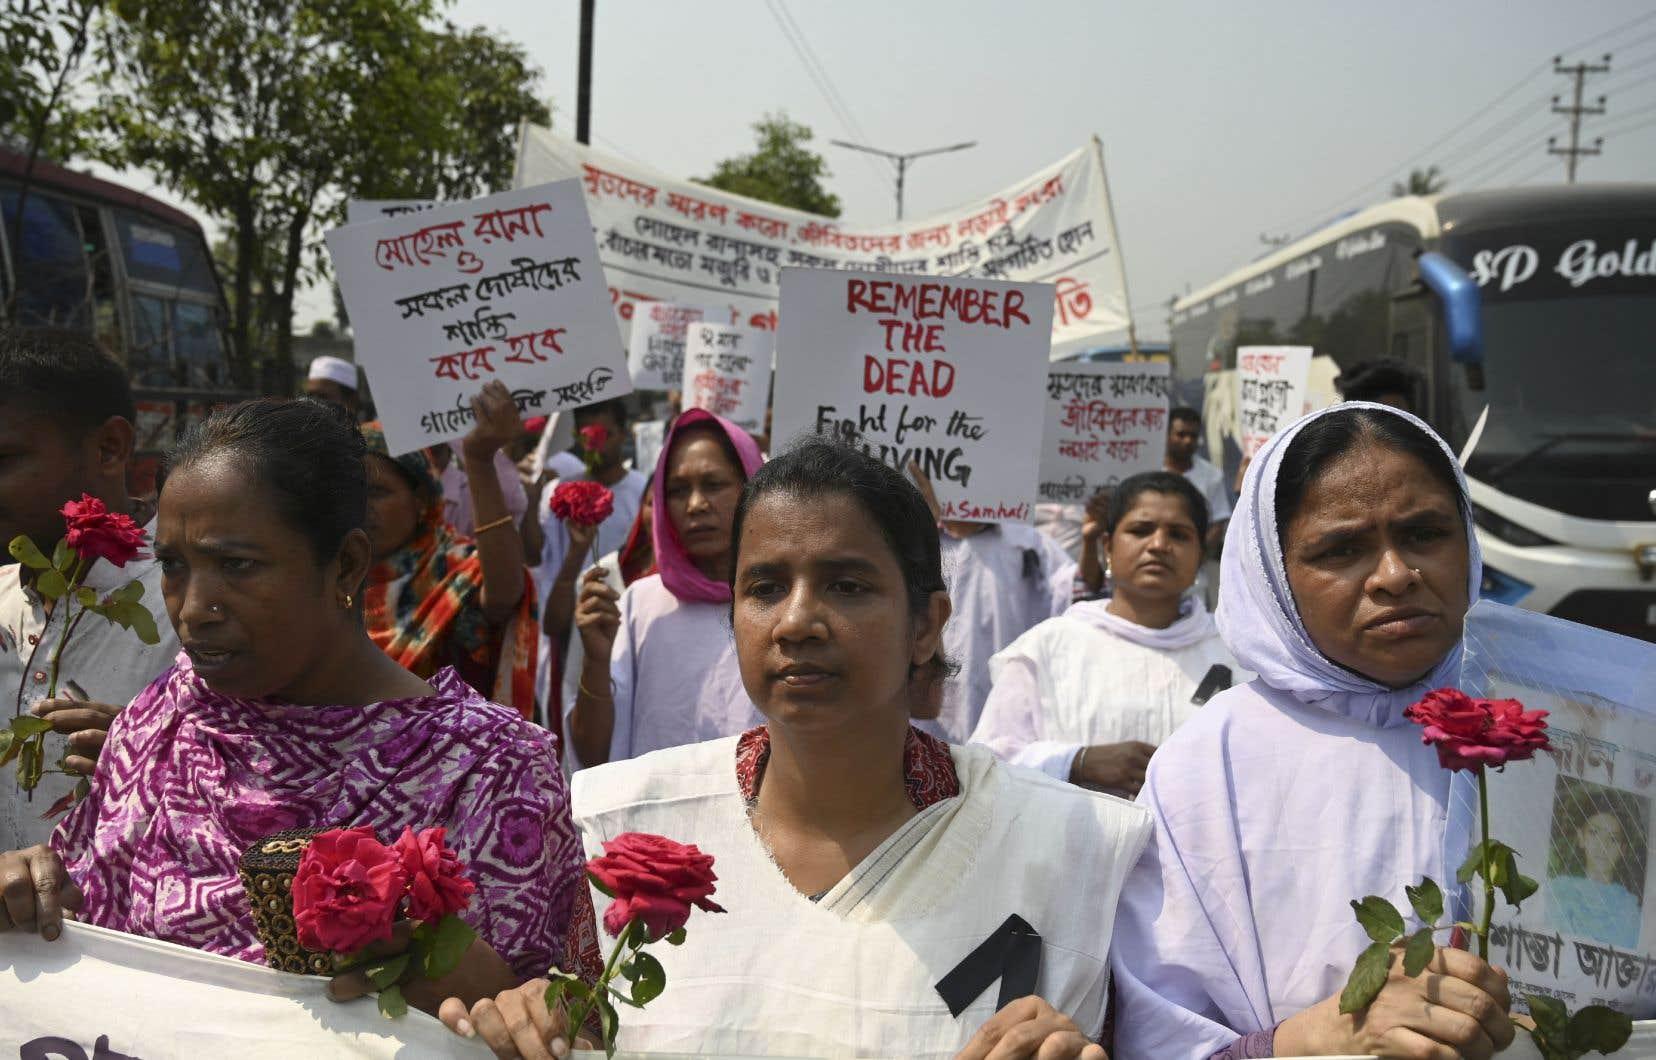 Chaque année, le 24 avril, les proches des victimes de l'effondrement du Rana Plaza commémorent la tragédie qui a fait 1130 morts et 2500 blessés.